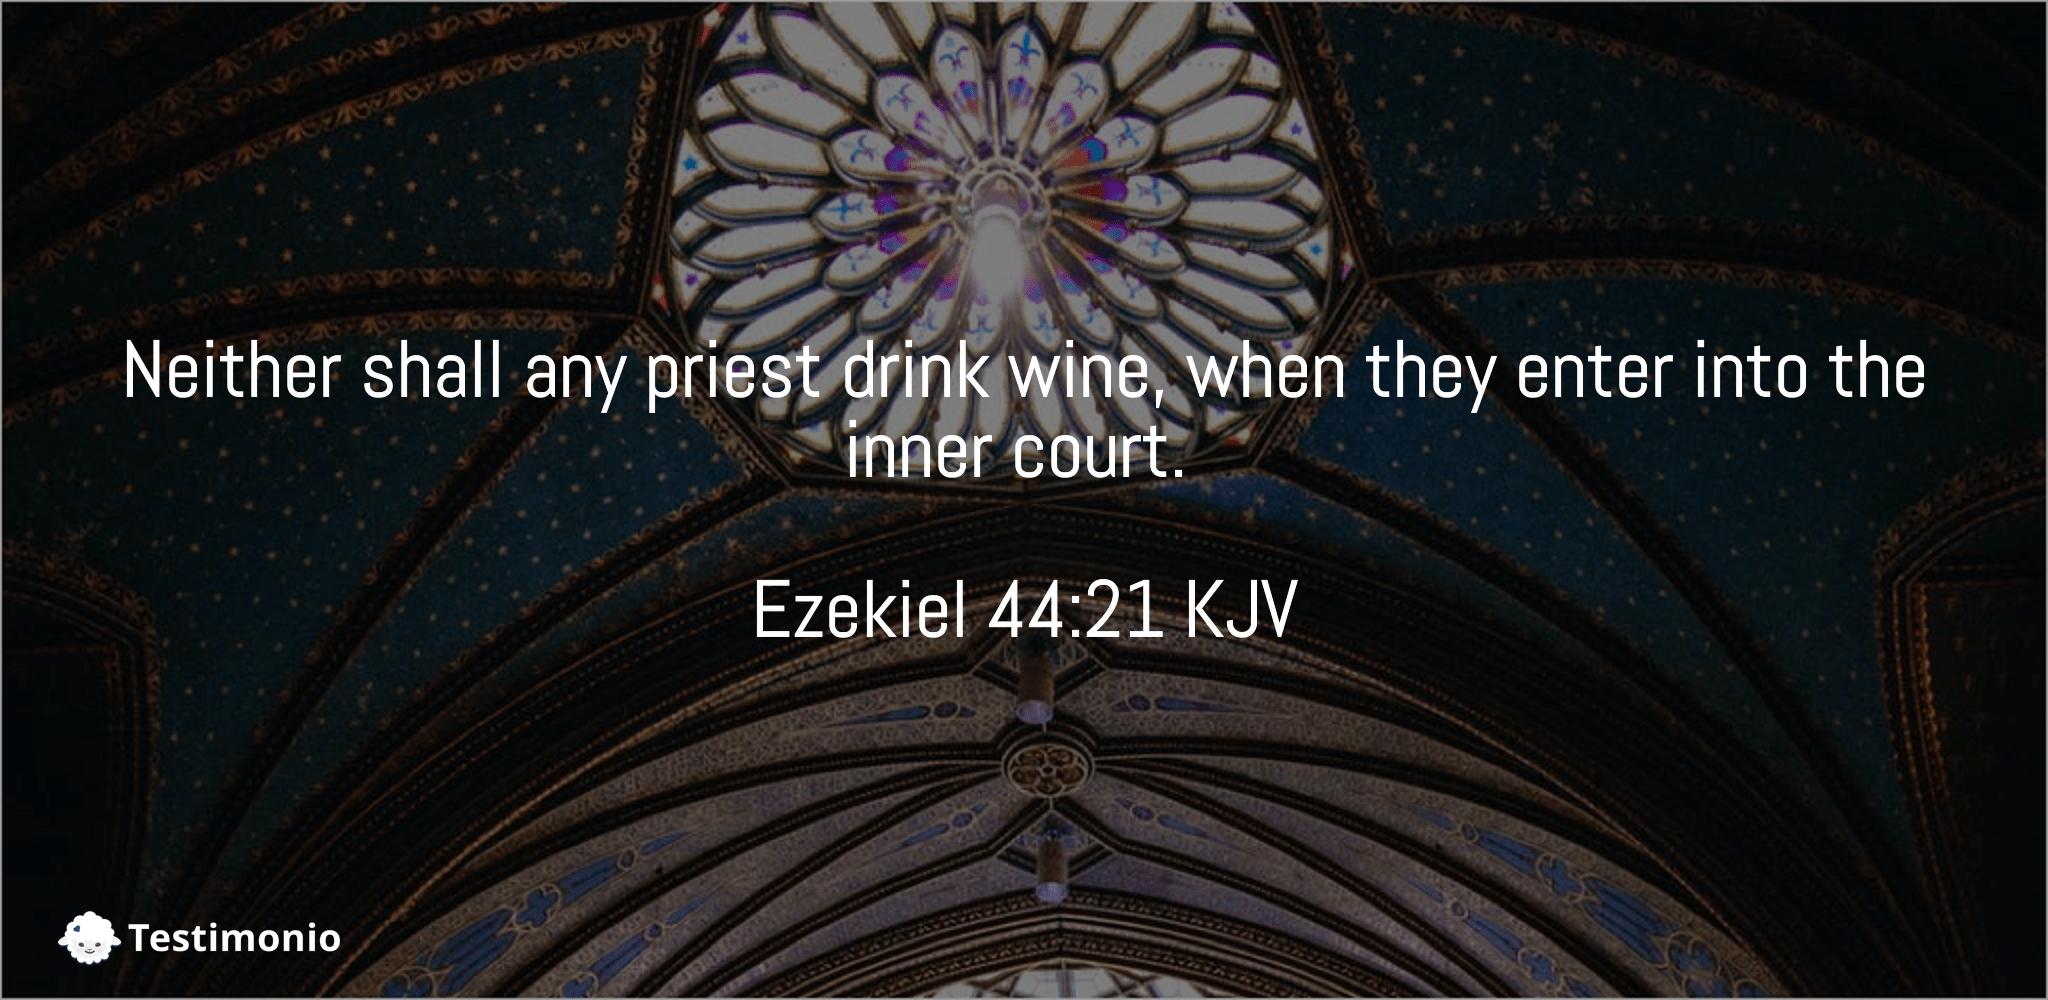 Ezekiel 44:21